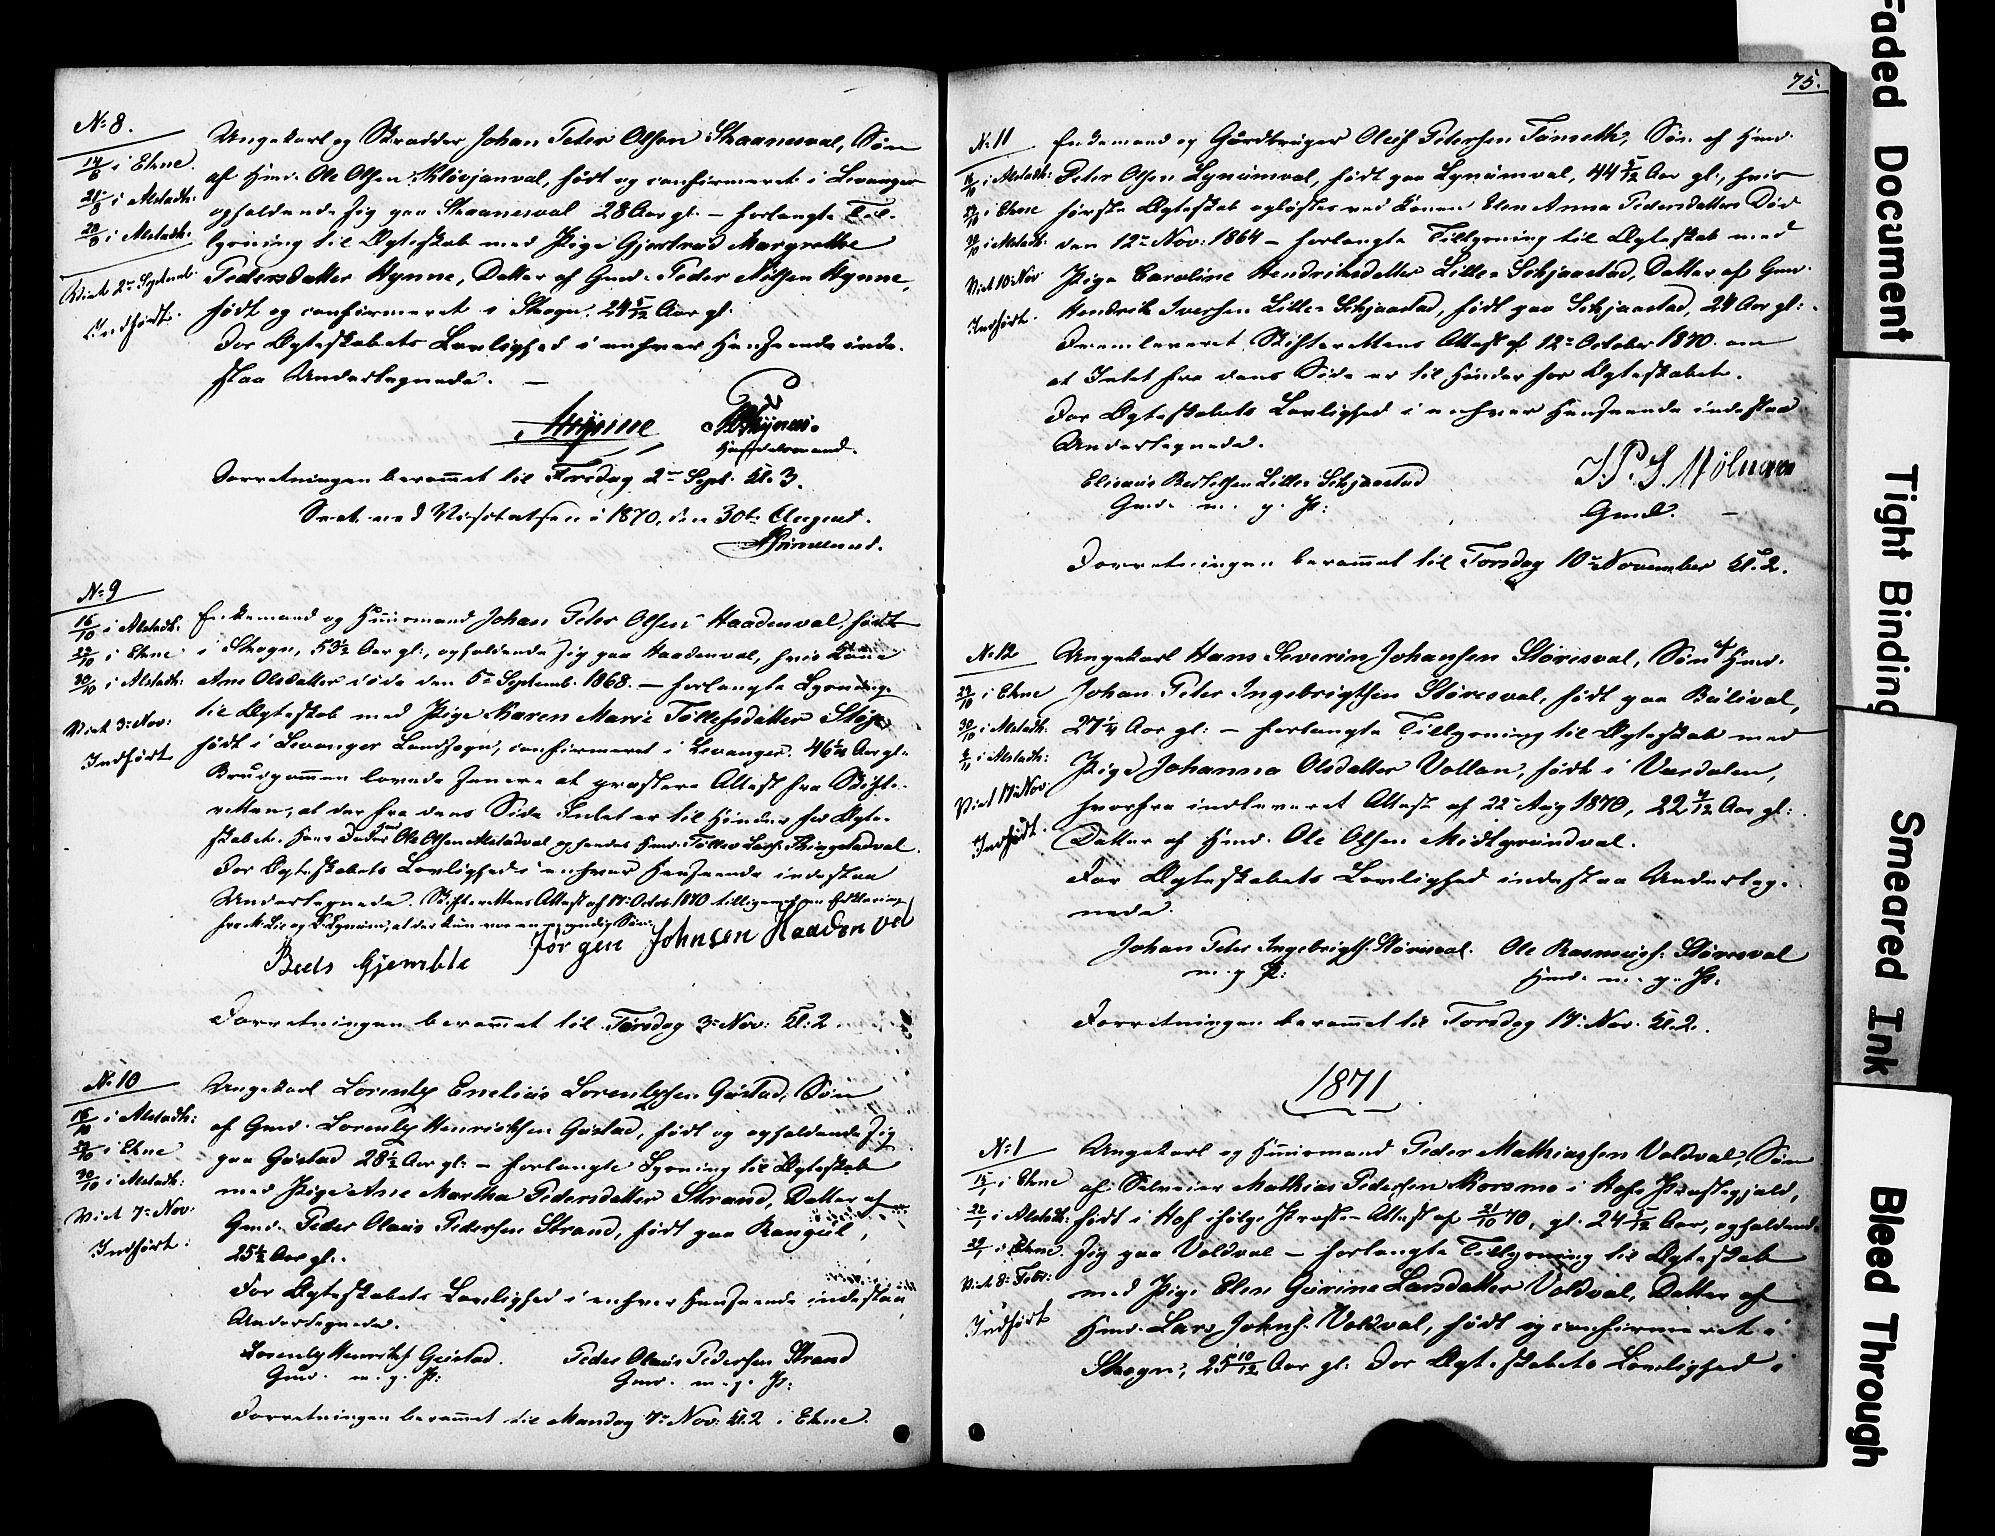 SAT, Ministerialprotokoller, klokkerbøker og fødselsregistre - Nord-Trøndelag, 717/L0161: Forlovererklæringer nr. 717A11, 1850-1895, s. 75